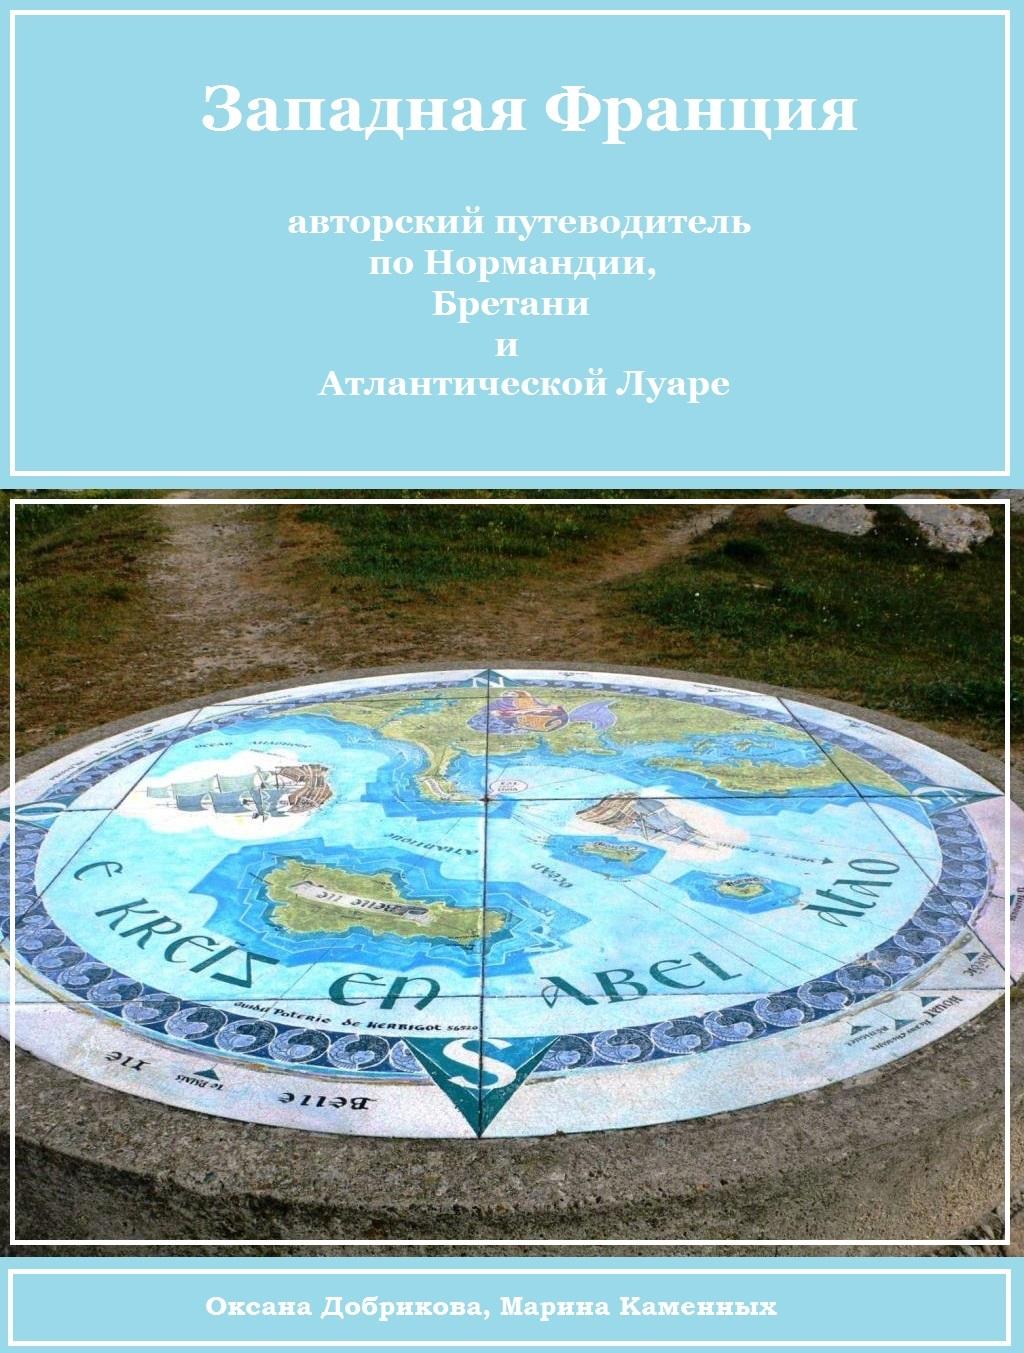 Оксана Добрикова, Марина Каменных - Западная Франция (авторский путеводитель для самостоятельного туриста)